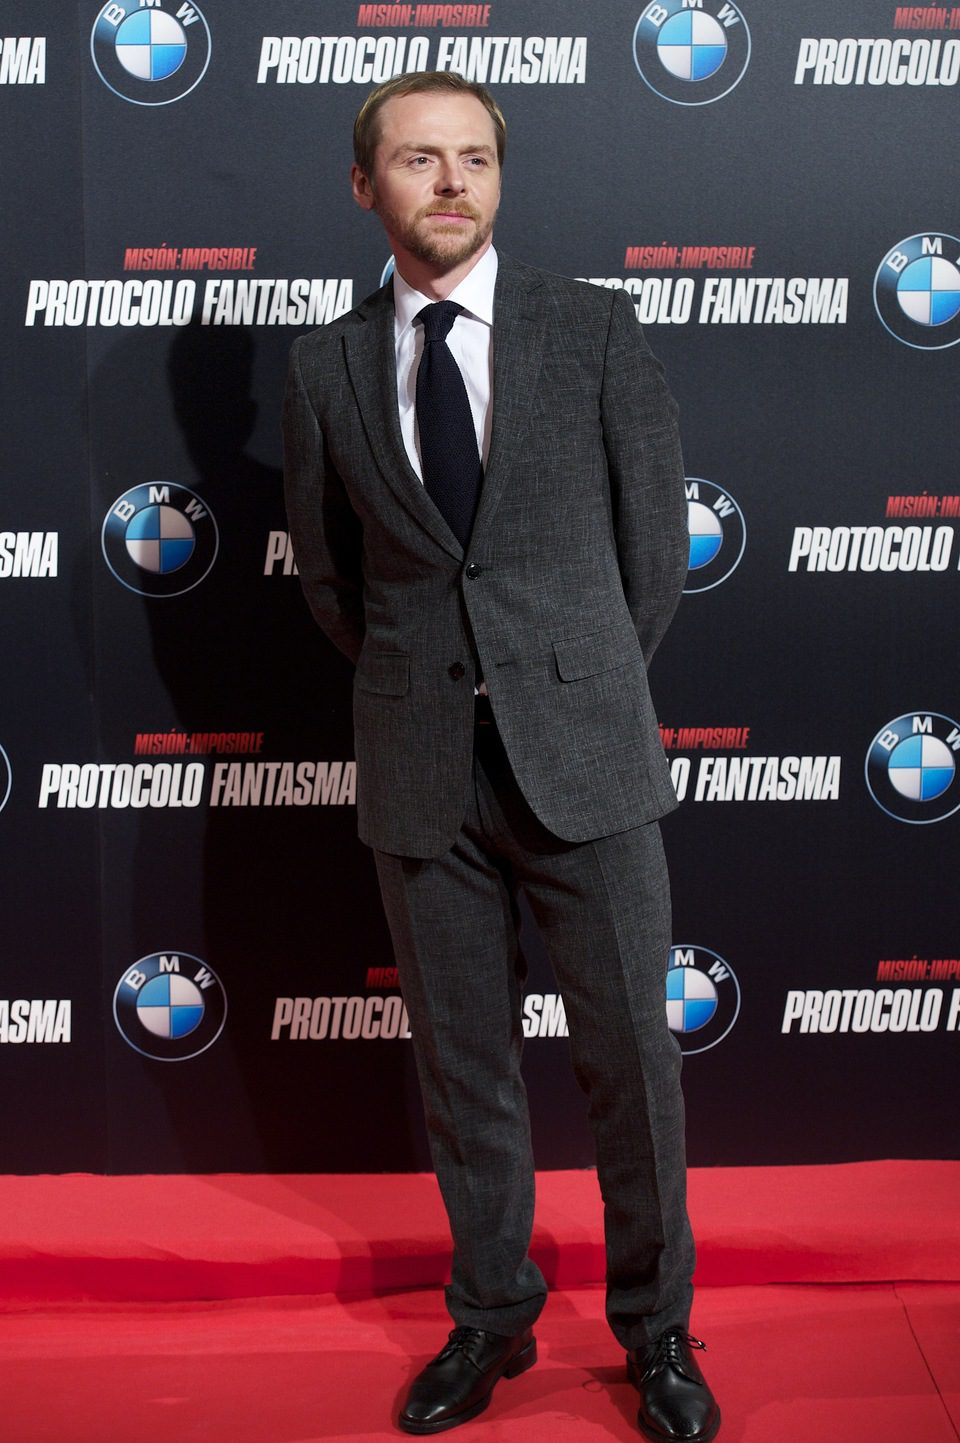 Simon Pegg en la premiére de 'Misión Imposible: Protocolo Fantasma' en Madrid